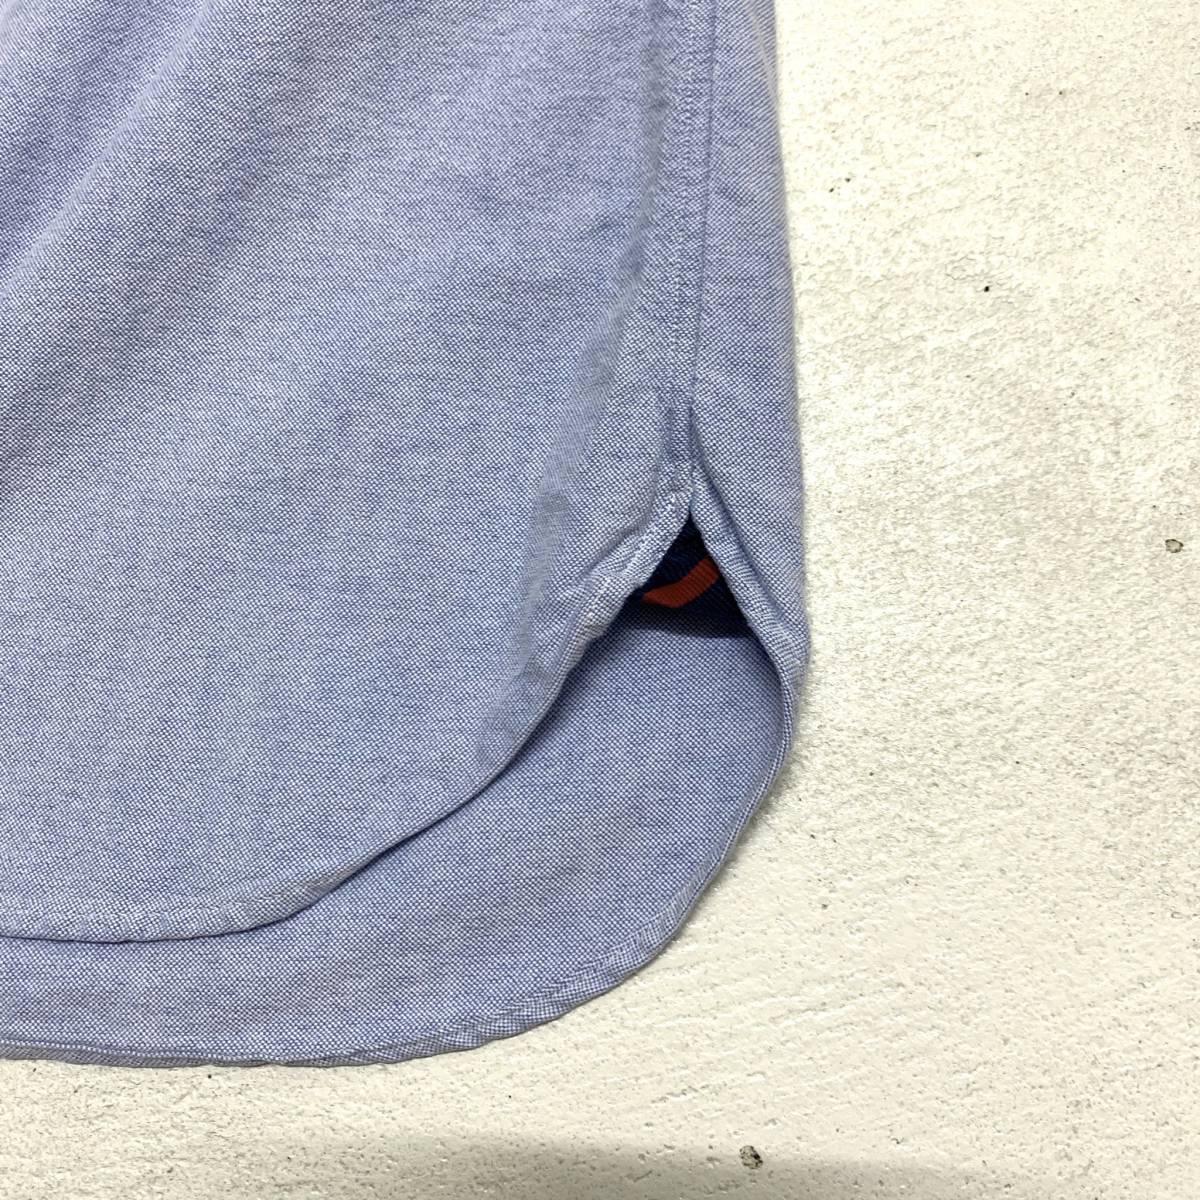 ラルフ ローレン Ralph Lauren オックスフォード シャツ Sサイズ SLIM FIT ブルー マチ付き 長袖 古着 ボタンダウン_画像3